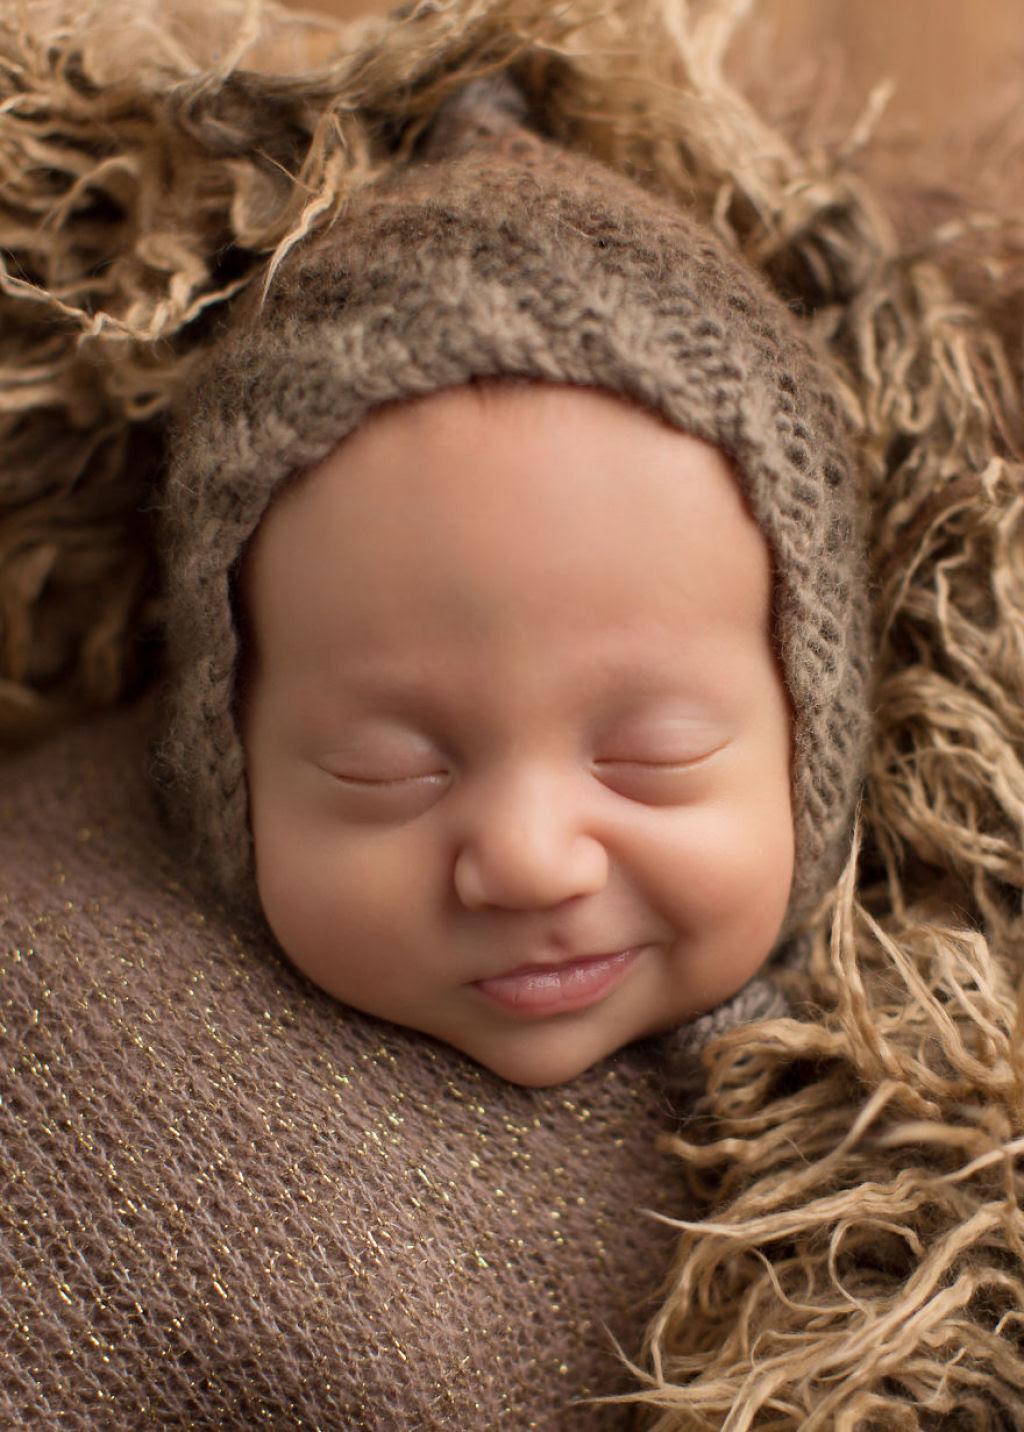 Fotógrafa britânica cria retratos insuportavelmente ternos de bebês dormindo 10